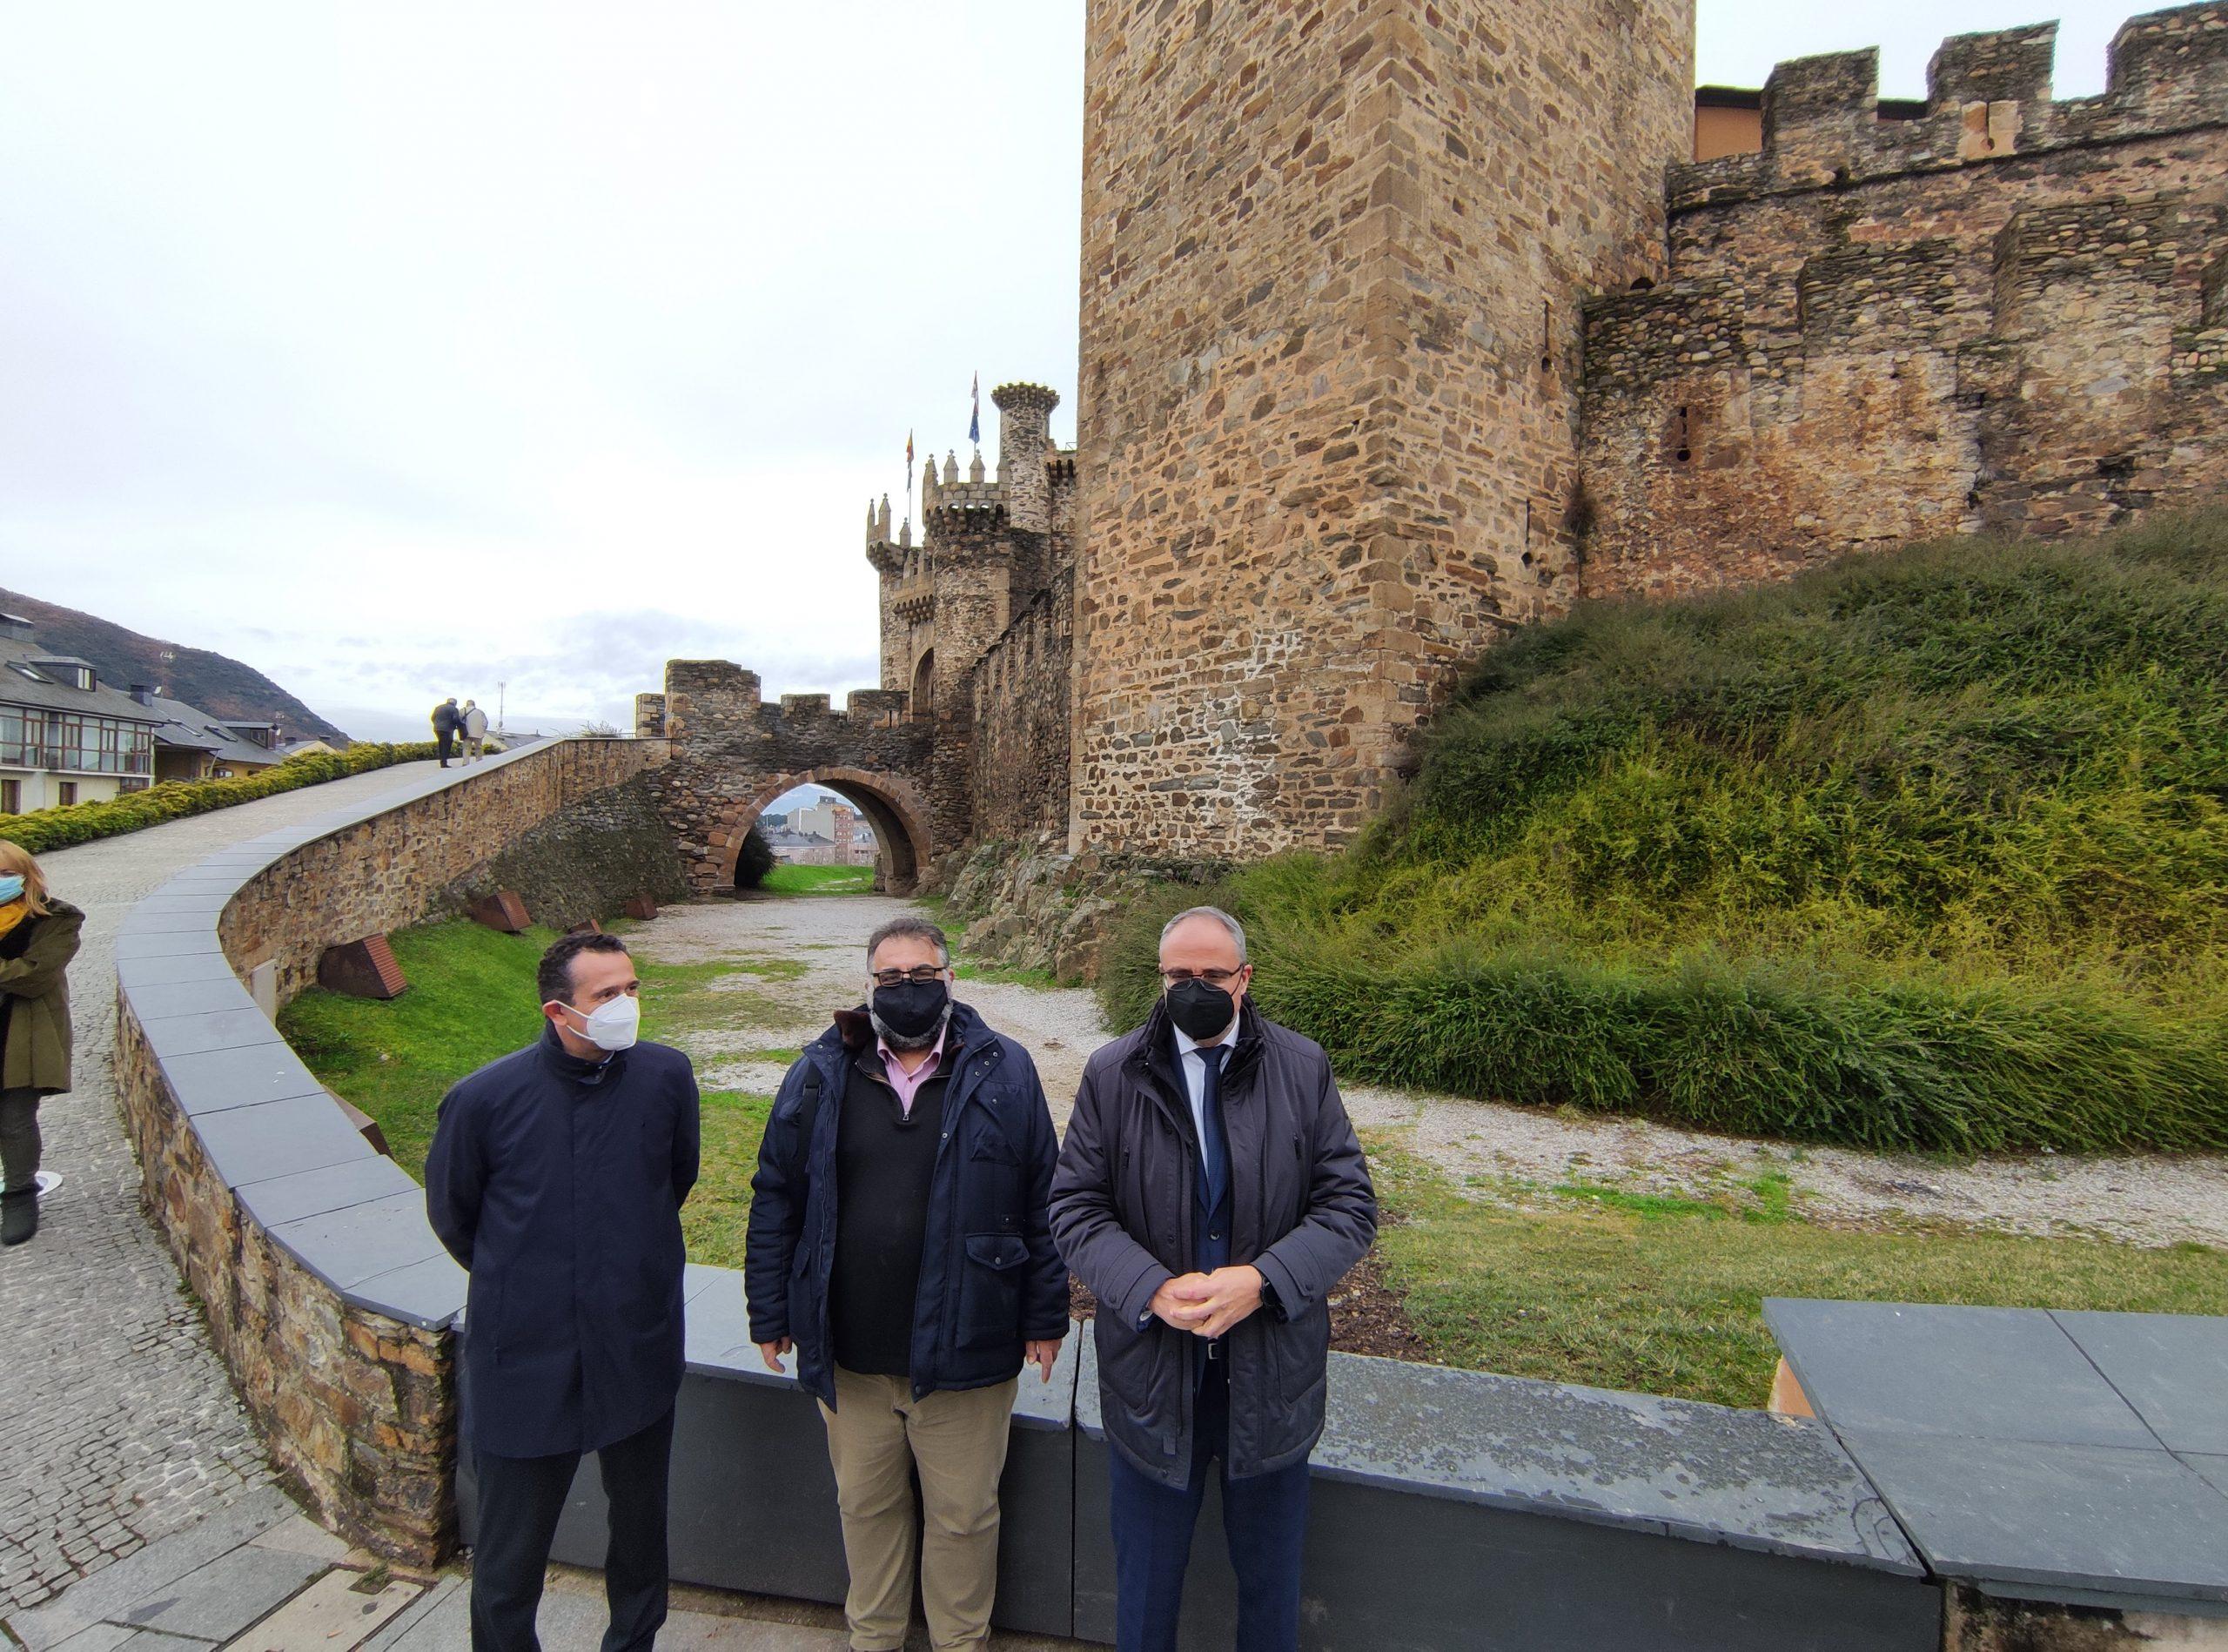 Terminan las obras de restauración del acceso al Castillo de los Templarios de Ponferrada con la recuperación del puente levadizo 2